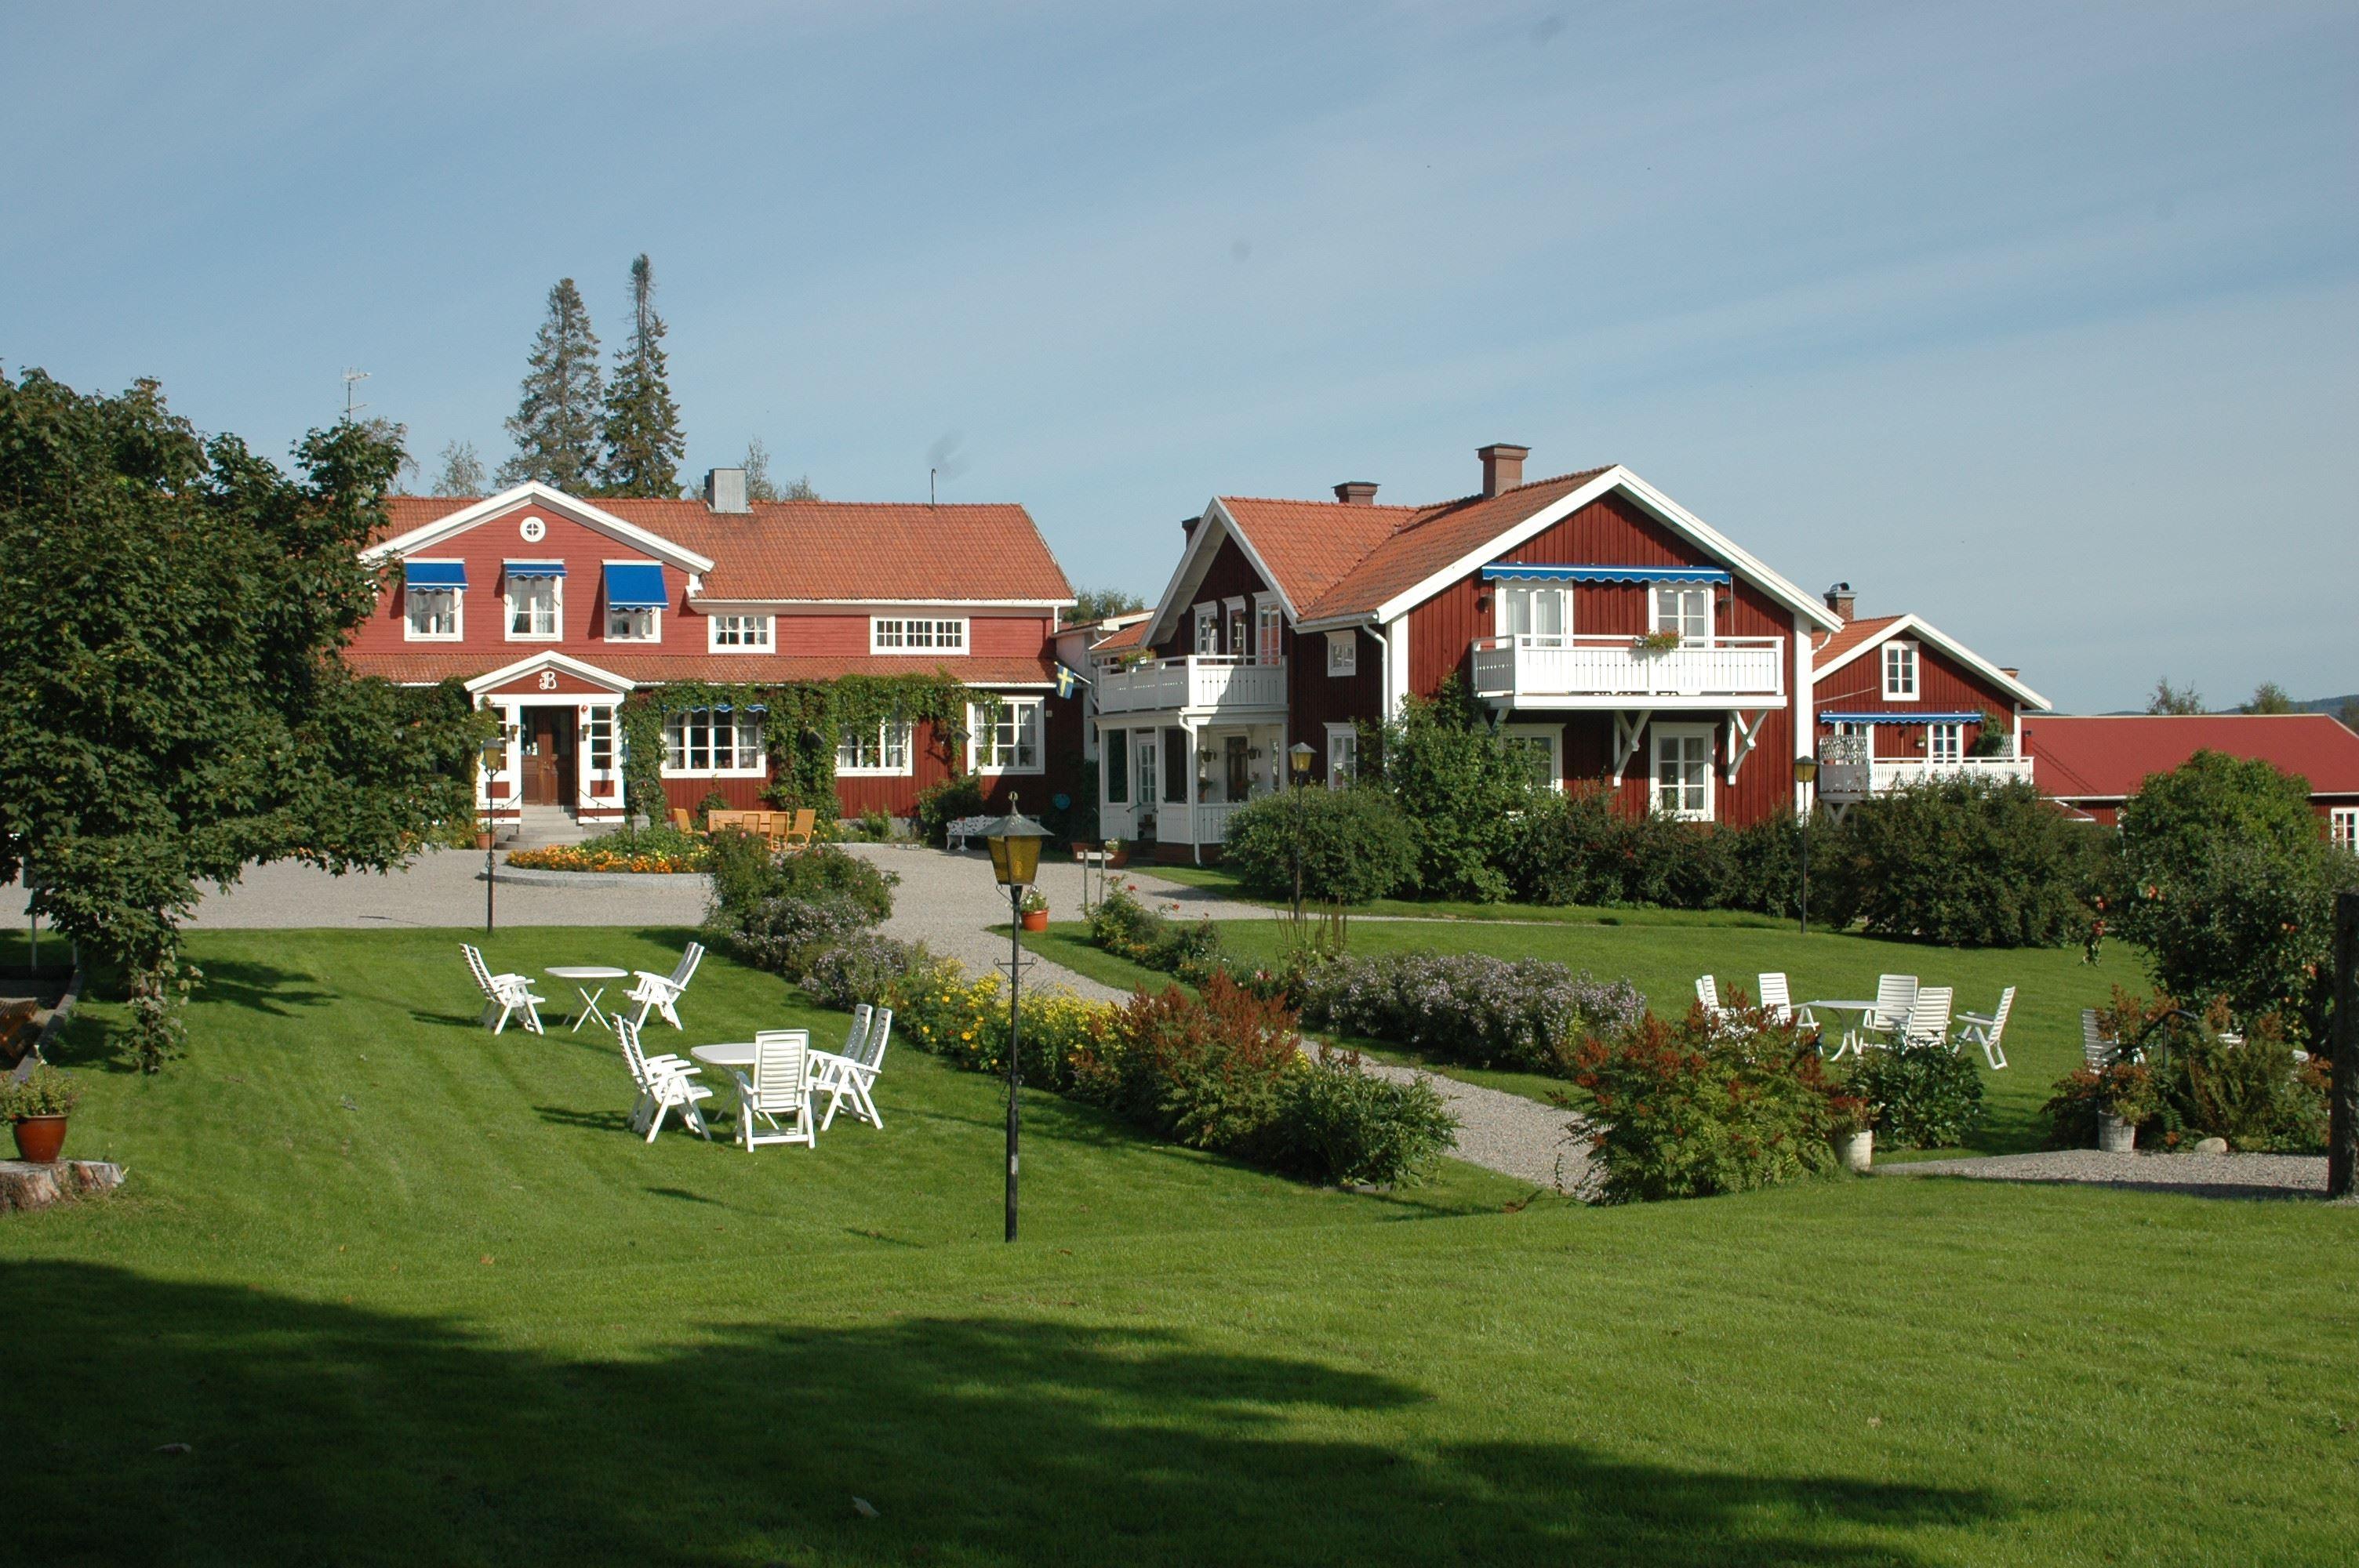 Järvsöbadens Hotel